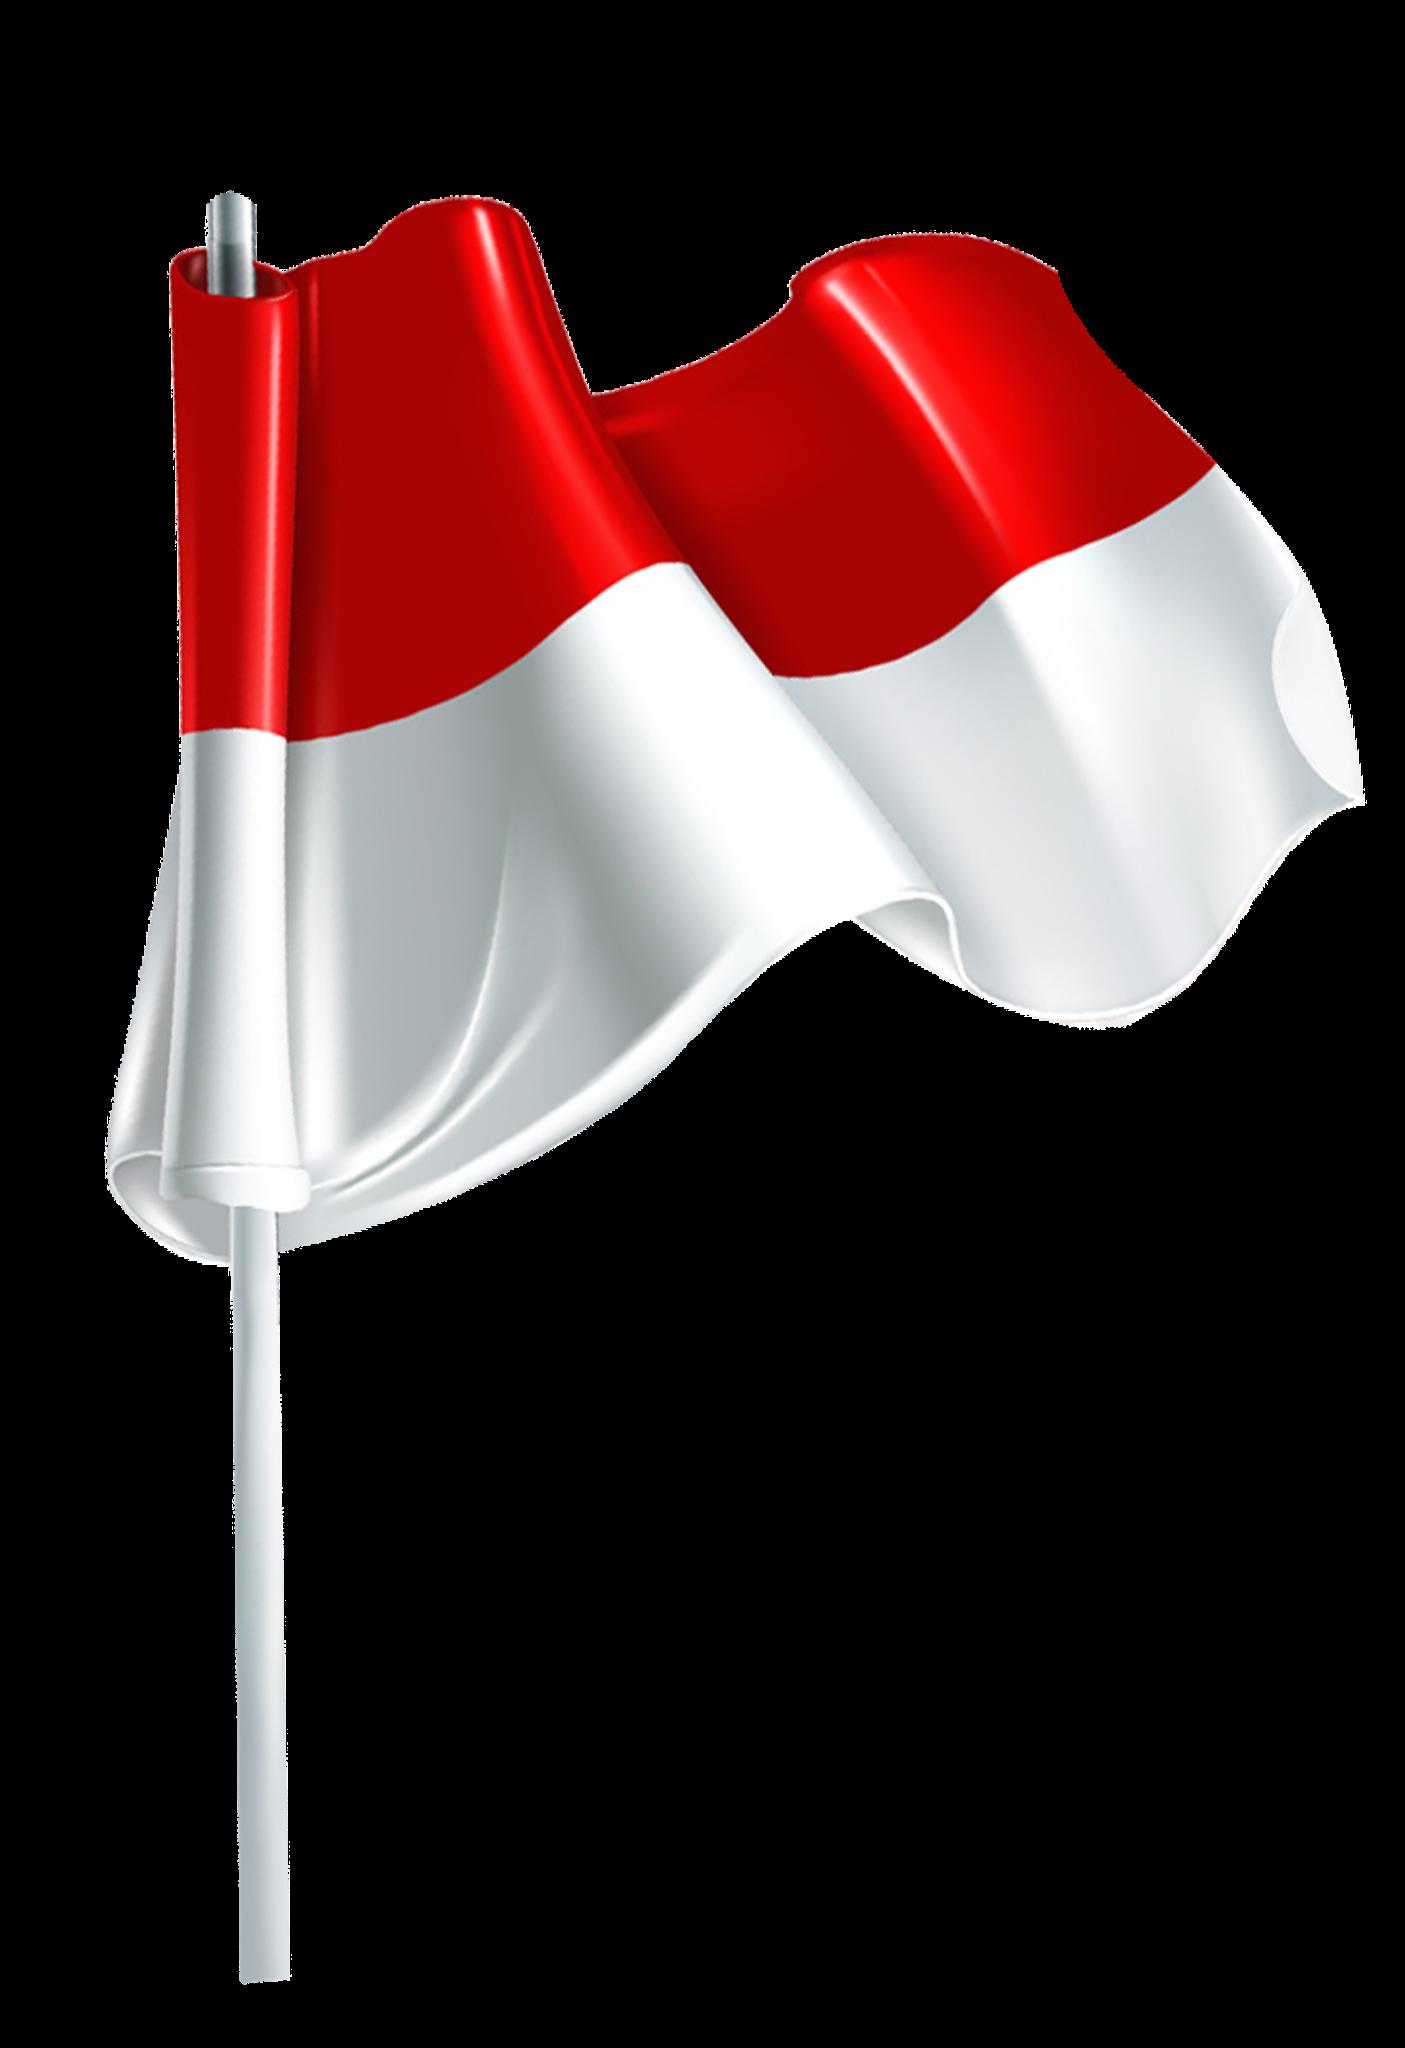 Gambar Bendera Merah Putih Vector PNG dan JPEG Terbaik Untuk ...